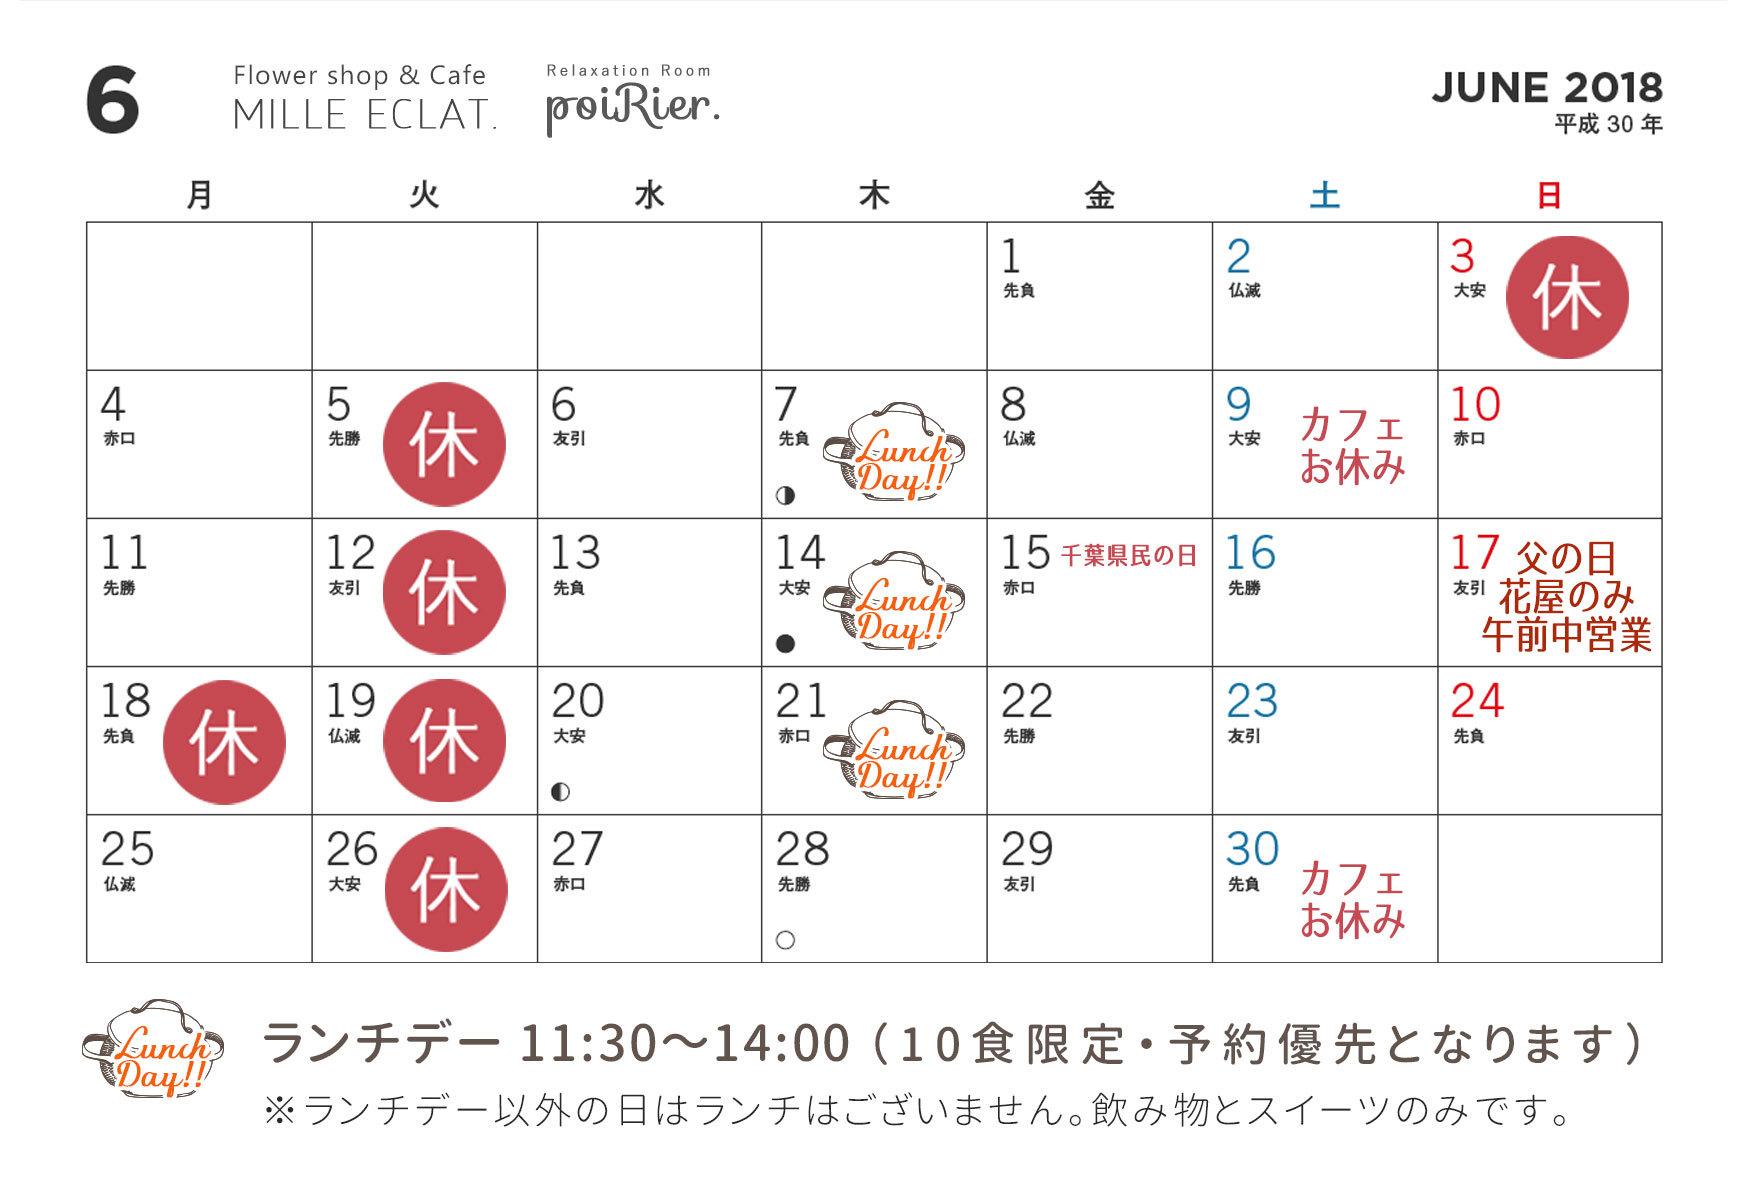 千葉県佐倉市西ユーカリが丘の花屋&カフェミルエクラ営業日カレンダー